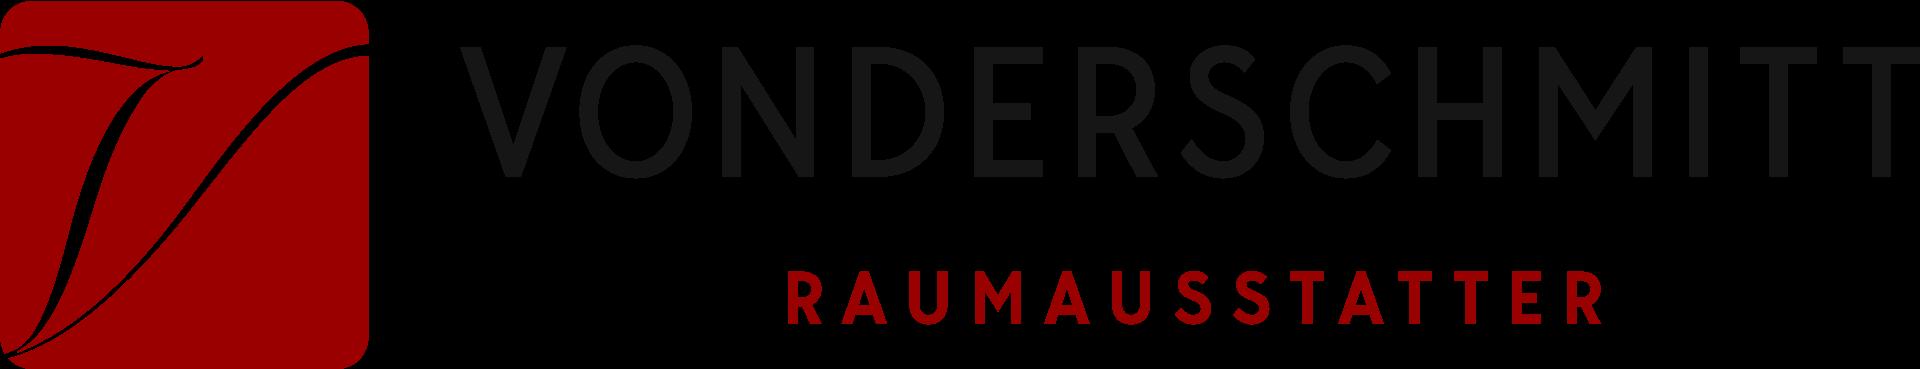 Raumausstatter Vonderschmitt